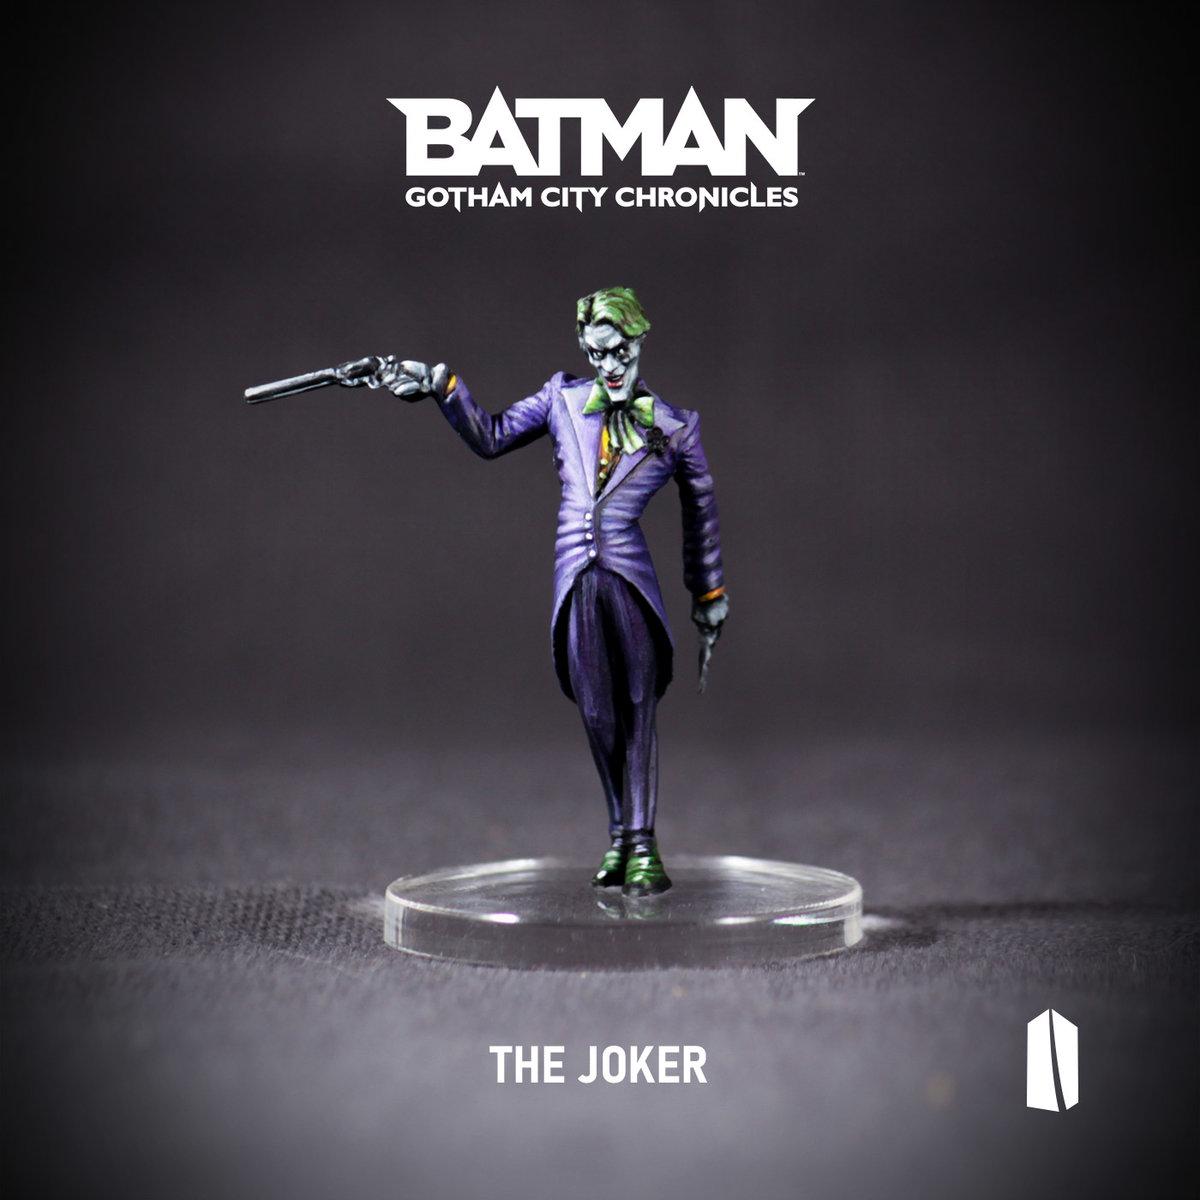 batmanGCC_joker_final.jpg